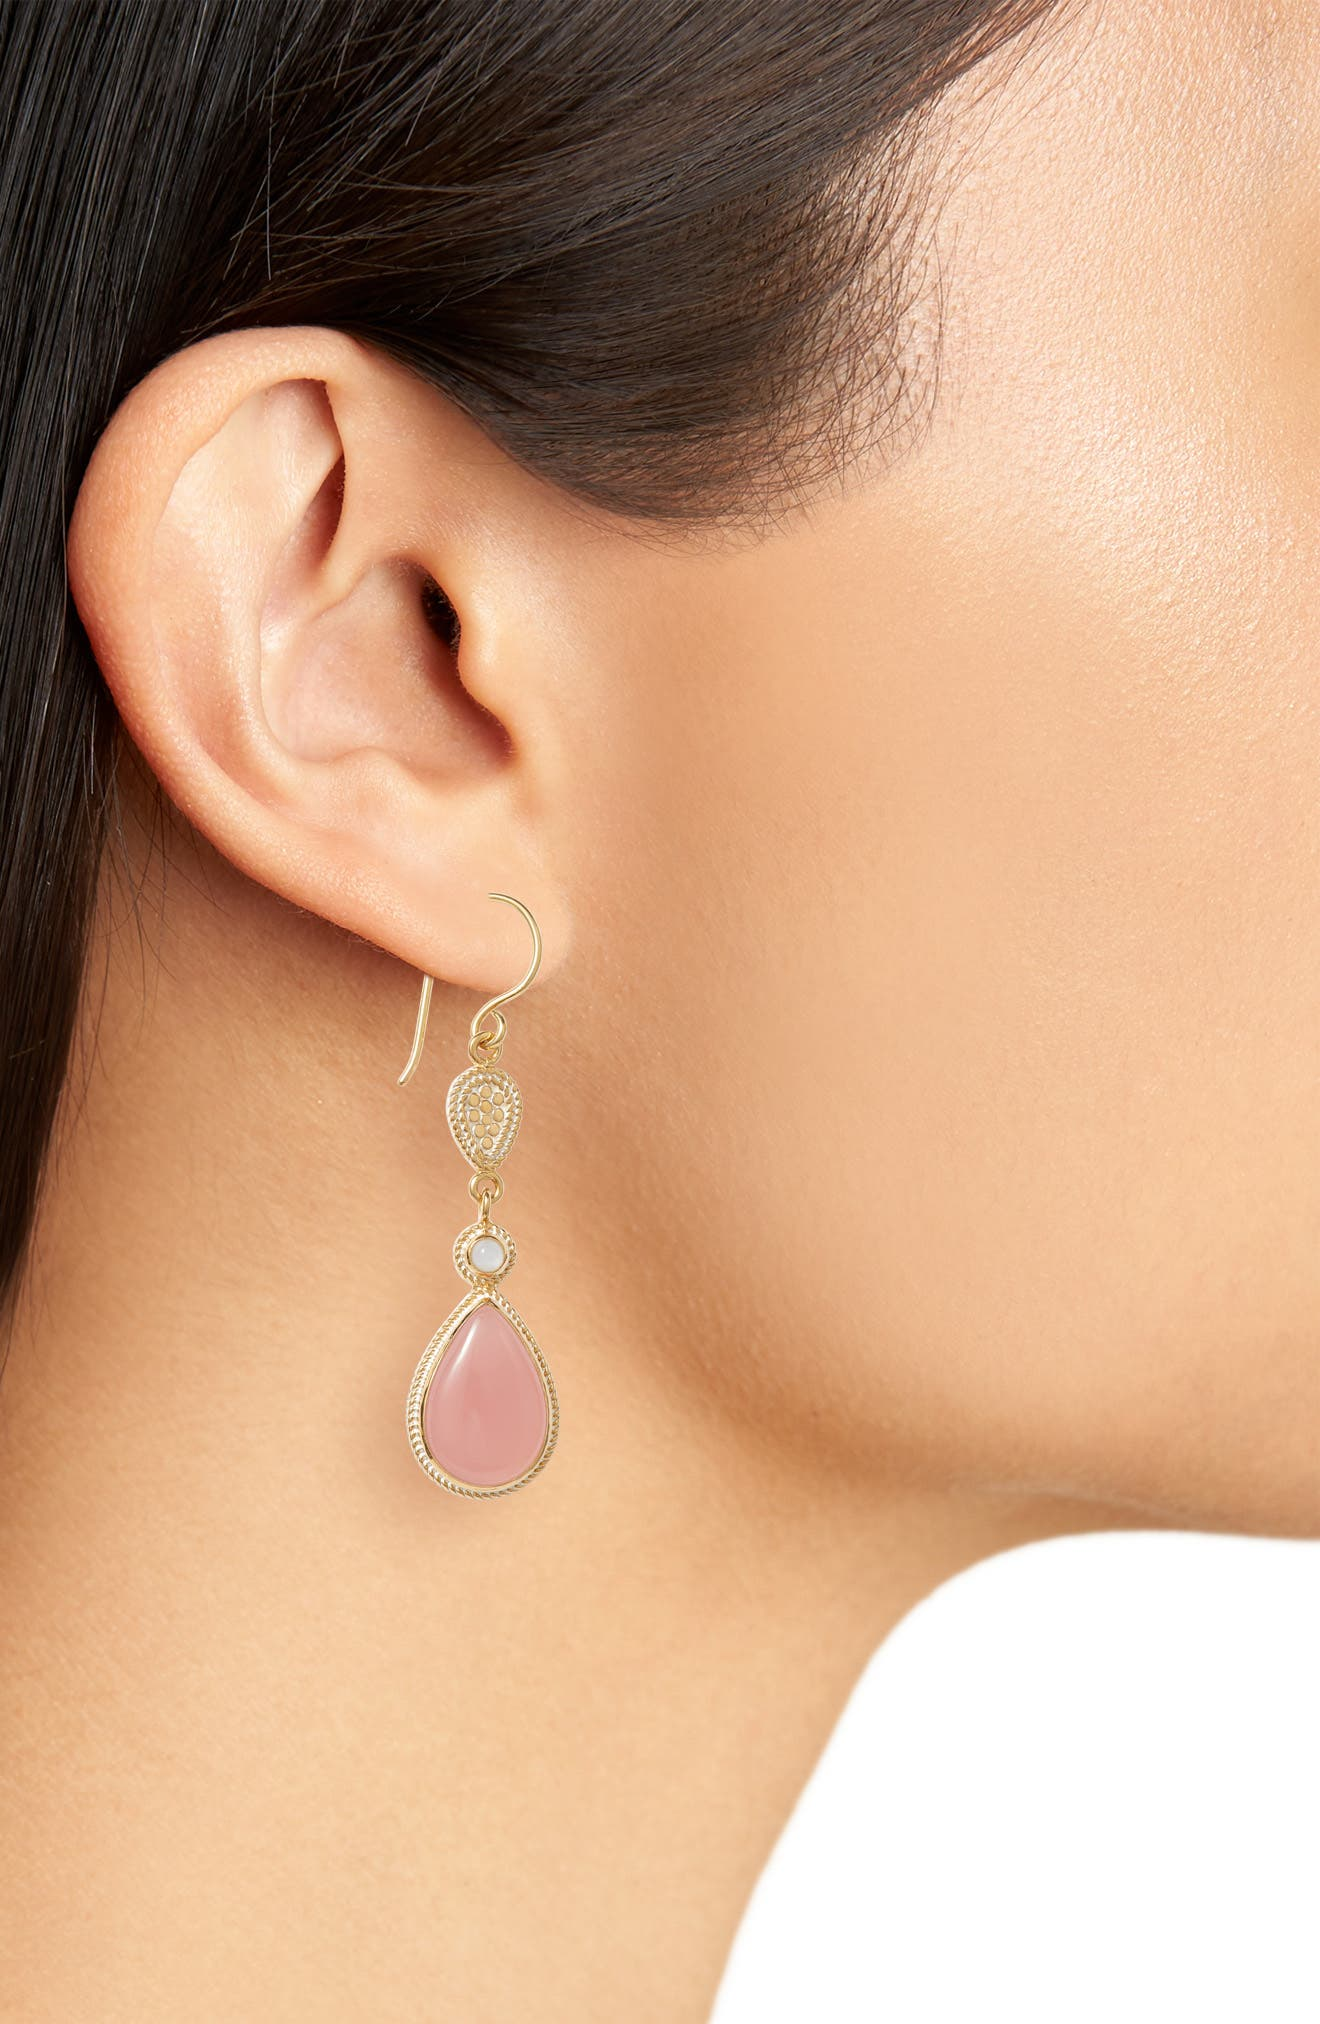 Guava Quartz & Moonstone Drop Earrings,                             Alternate thumbnail 2, color,                             Gold/ Guava/ Moonstone